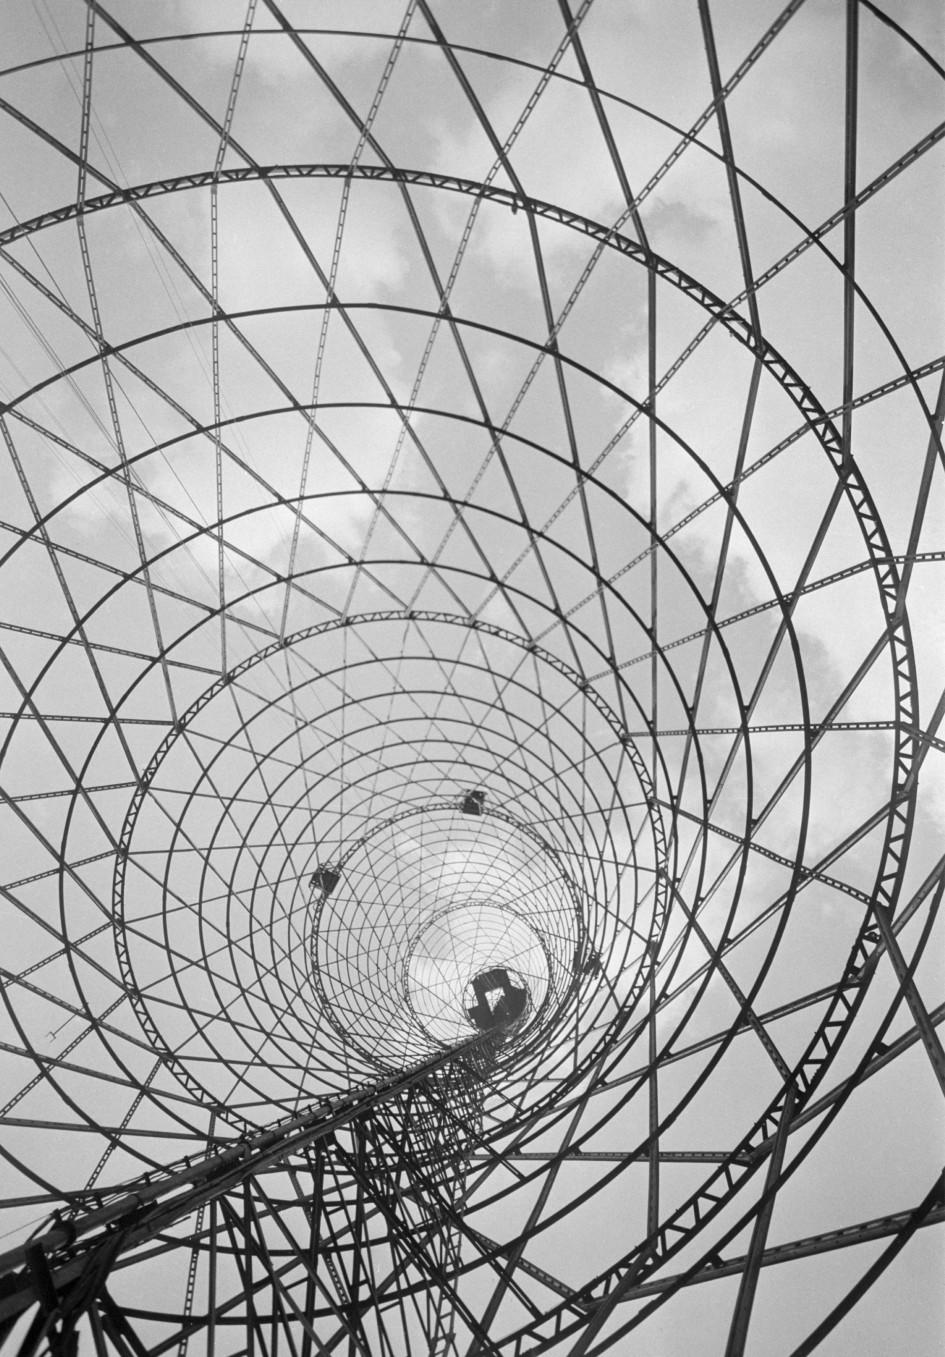 Антенна Московского телевизионного центра на Шаболовке. Точная дата съемки не установлена